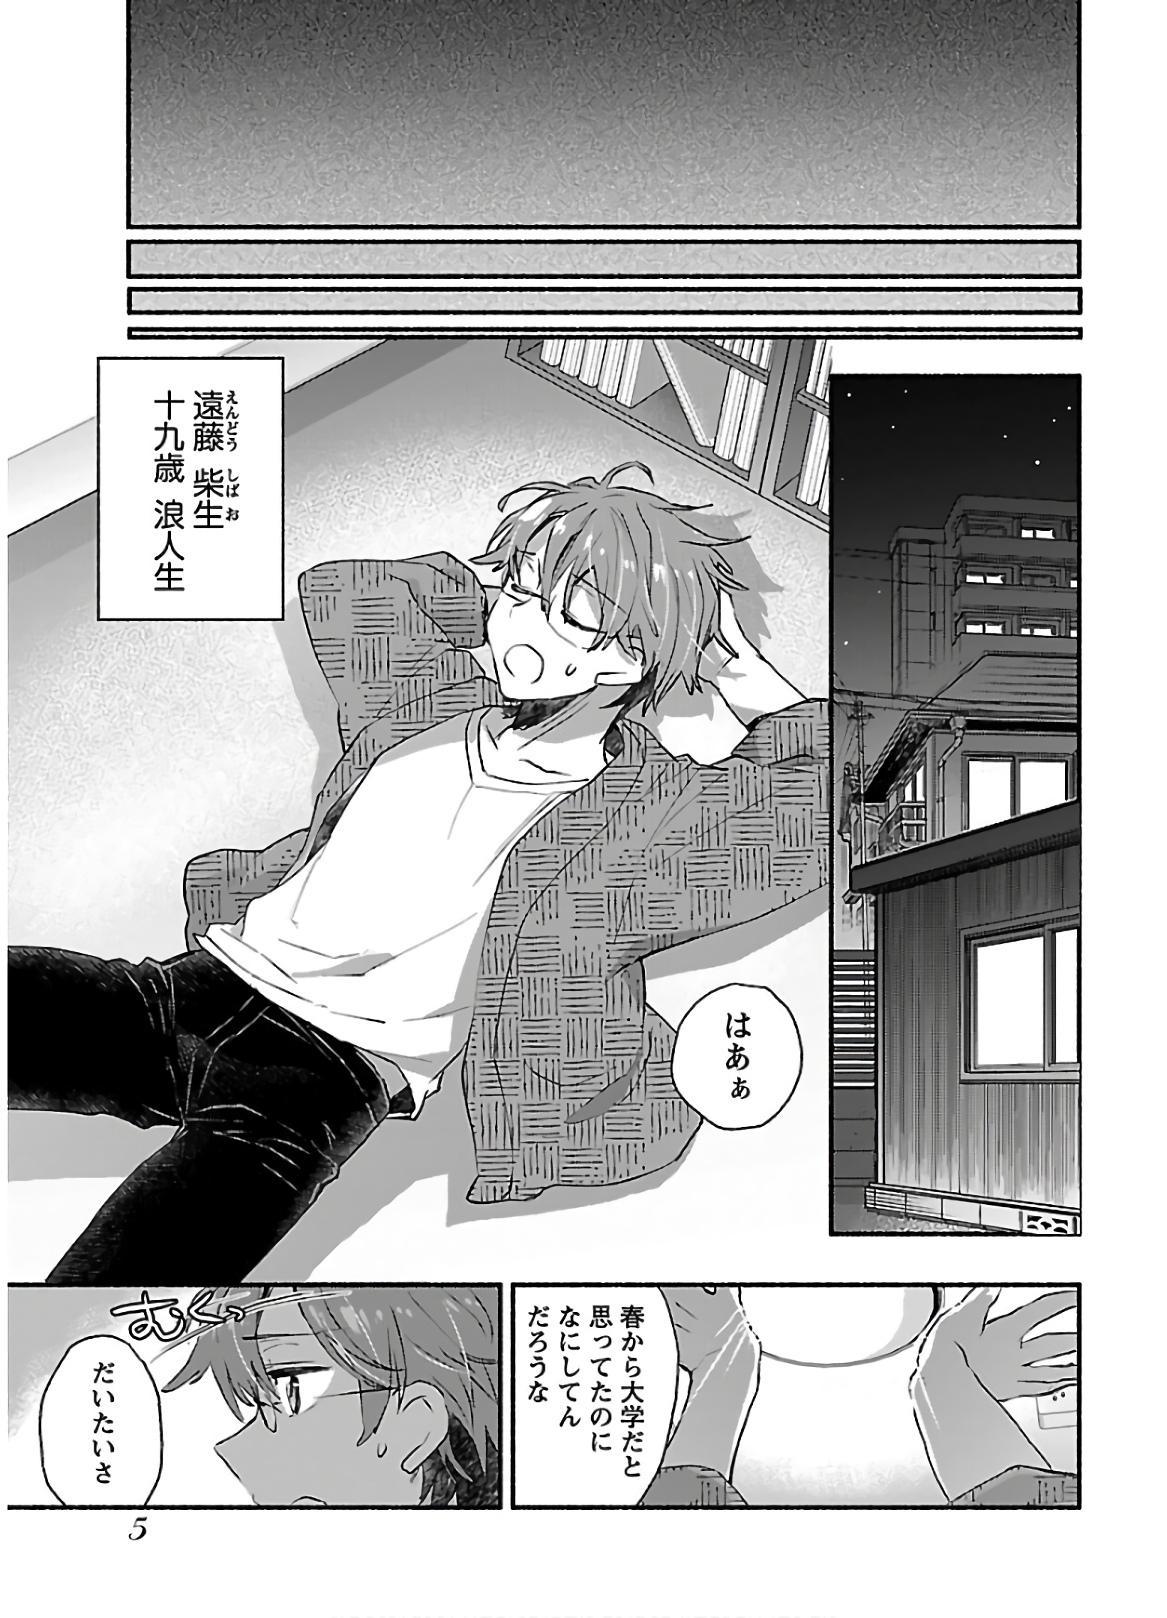 Yankii musume ni natsukarete kotoshi mo juken ni shippai shisou desu  vol.1 6